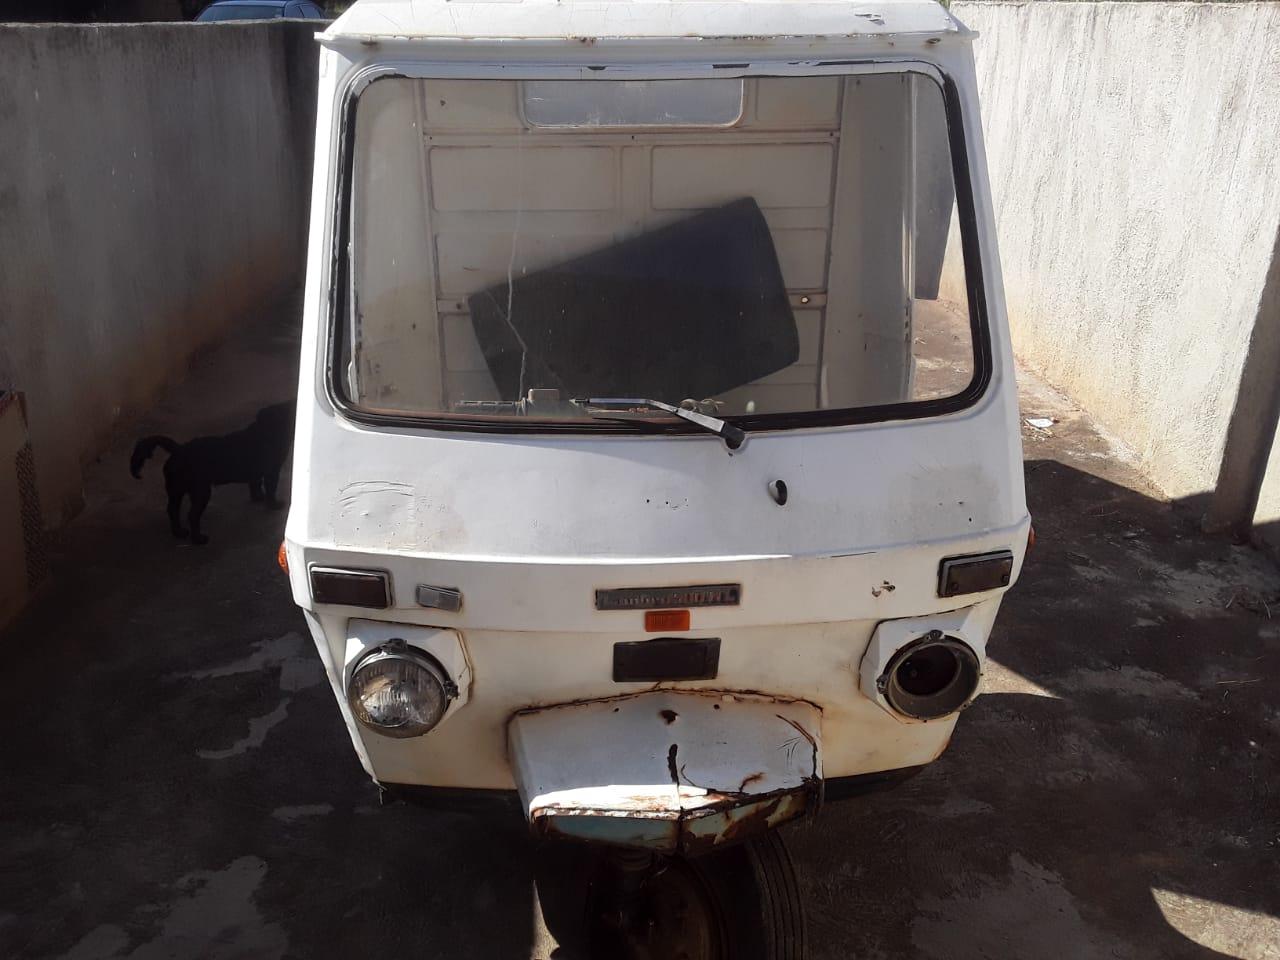 Lambretto Lambro 500 ML 1969 model collectors item for sale.